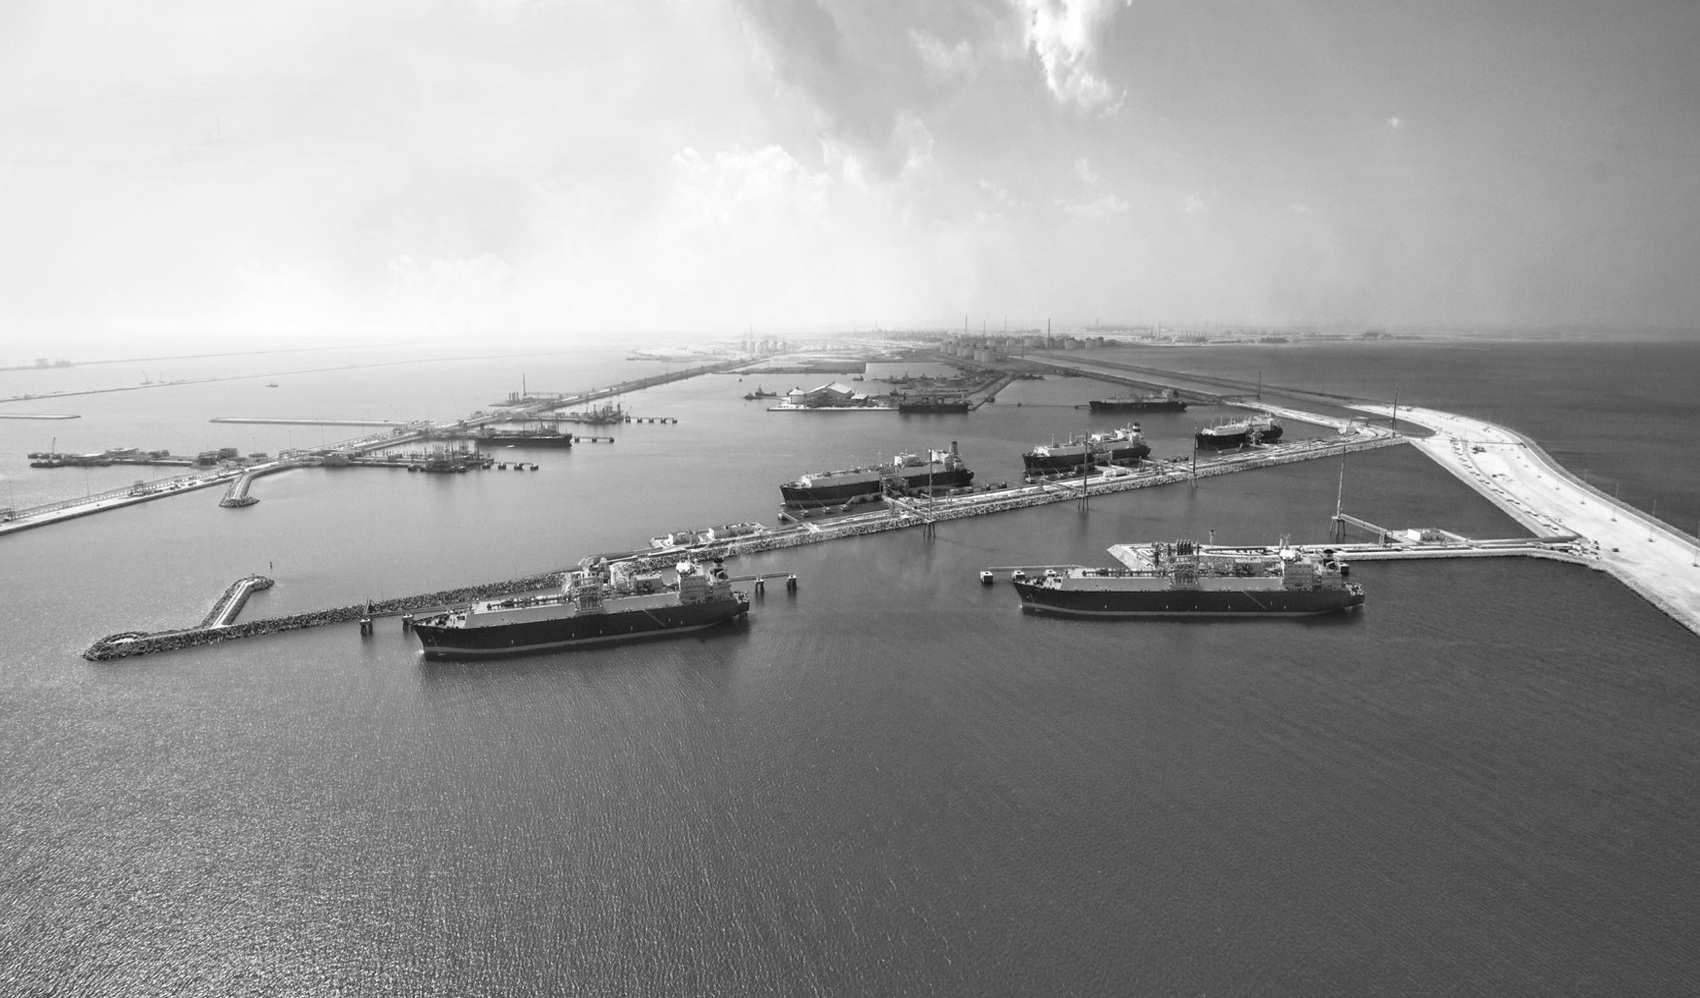 Катар намерен реализовать крупнейший в мире проект по производству СПГ